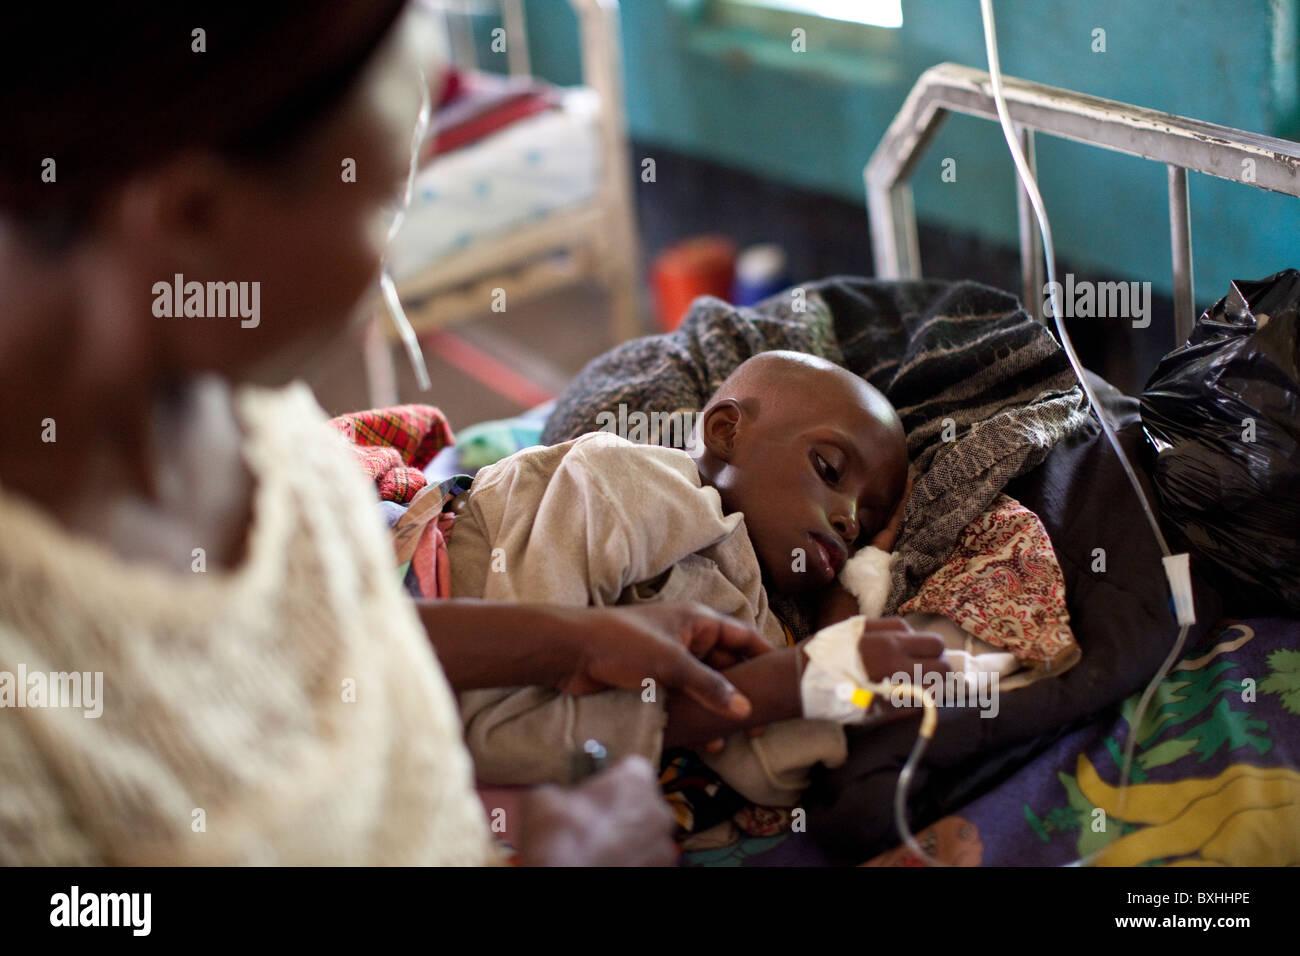 Un bambino muore di AIDS riceve un trattamento medico in un ospedale di Amuria, Uganda, Africa orientale. Immagini Stock